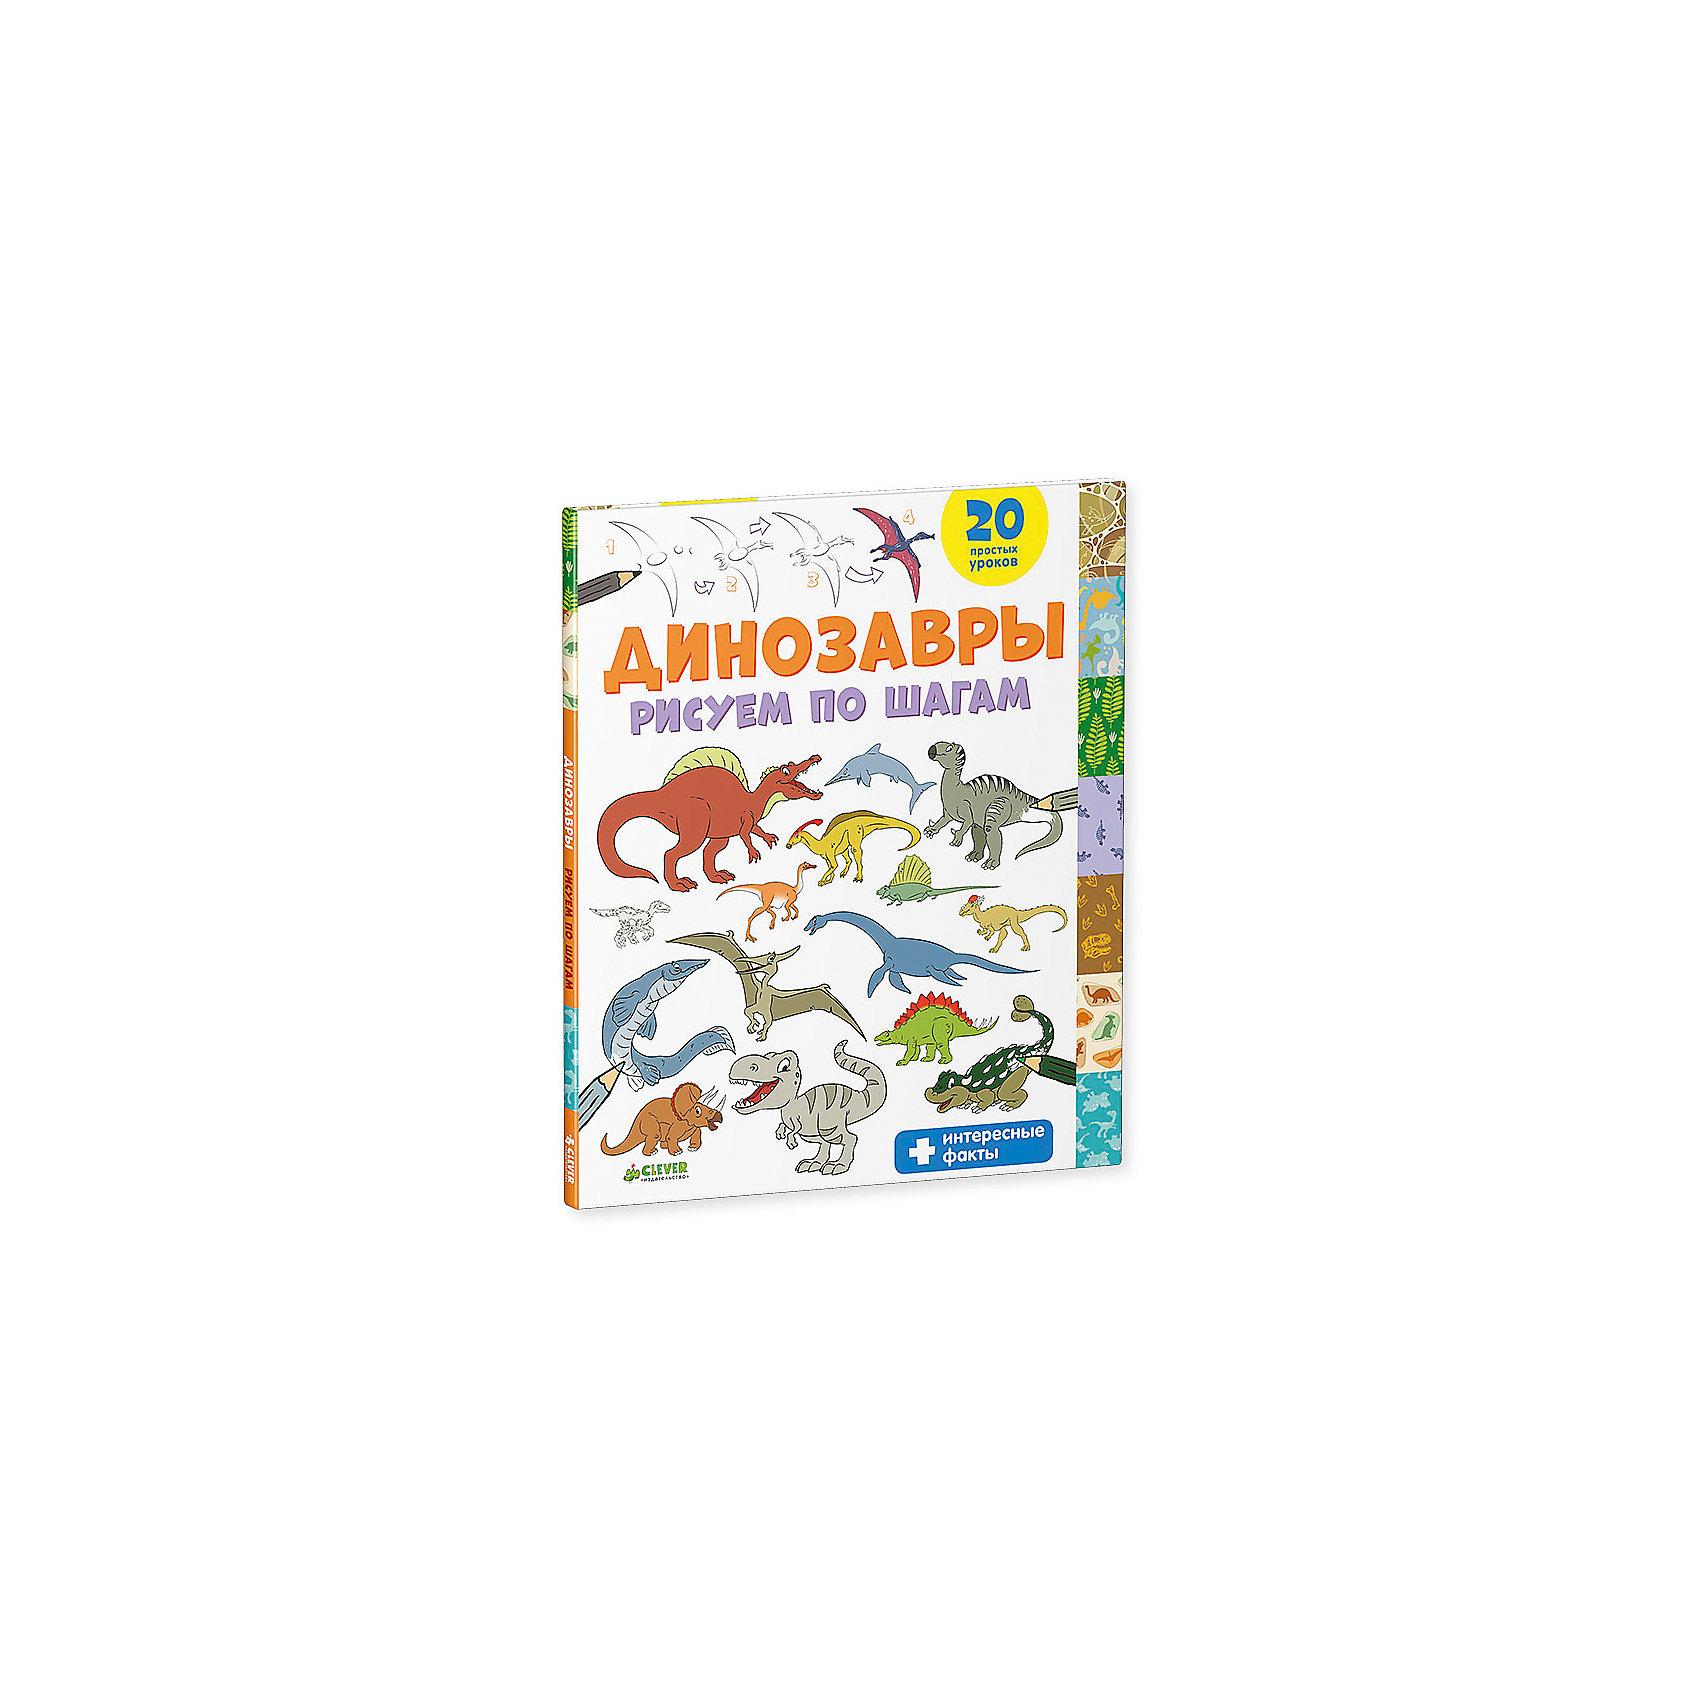 Динозавры, Рисуем по шагамДинозавров любят многие дети. С помощью этого издения малыши легко научатся рисовать их! Данная книга - это удобный формат, интересные задания и эффективный способ для ребенка провести время с пользой! Интеллект и способности ребенка нужно развивать - и тогда он в дальнейшем сможет освоить больше полезных навыков и знаний. Сделать это занятие интересным и легким поможет данное издание.<br>В нем с помощью занимательных заданий опытные педагоги помогают детям развить навыки рисования и подготовить ребенка к школе. Также книга поможет повысить у малышей веру в свои силы!<br><br>Дополнительная информация:<br><br>формат: 25 х 21 см;<br>страниц: 48;<br>офсетная печать.<br><br>Издание Динозавры, Рисуем по шагам можно купить в нашем интернет-магазине.<br><br>Ширина мм: 250<br>Глубина мм: 215<br>Высота мм: 8<br>Вес г: 250<br>Возраст от месяцев: 48<br>Возраст до месяцев: 72<br>Пол: Унисекс<br>Возраст: Детский<br>SKU: 4976201